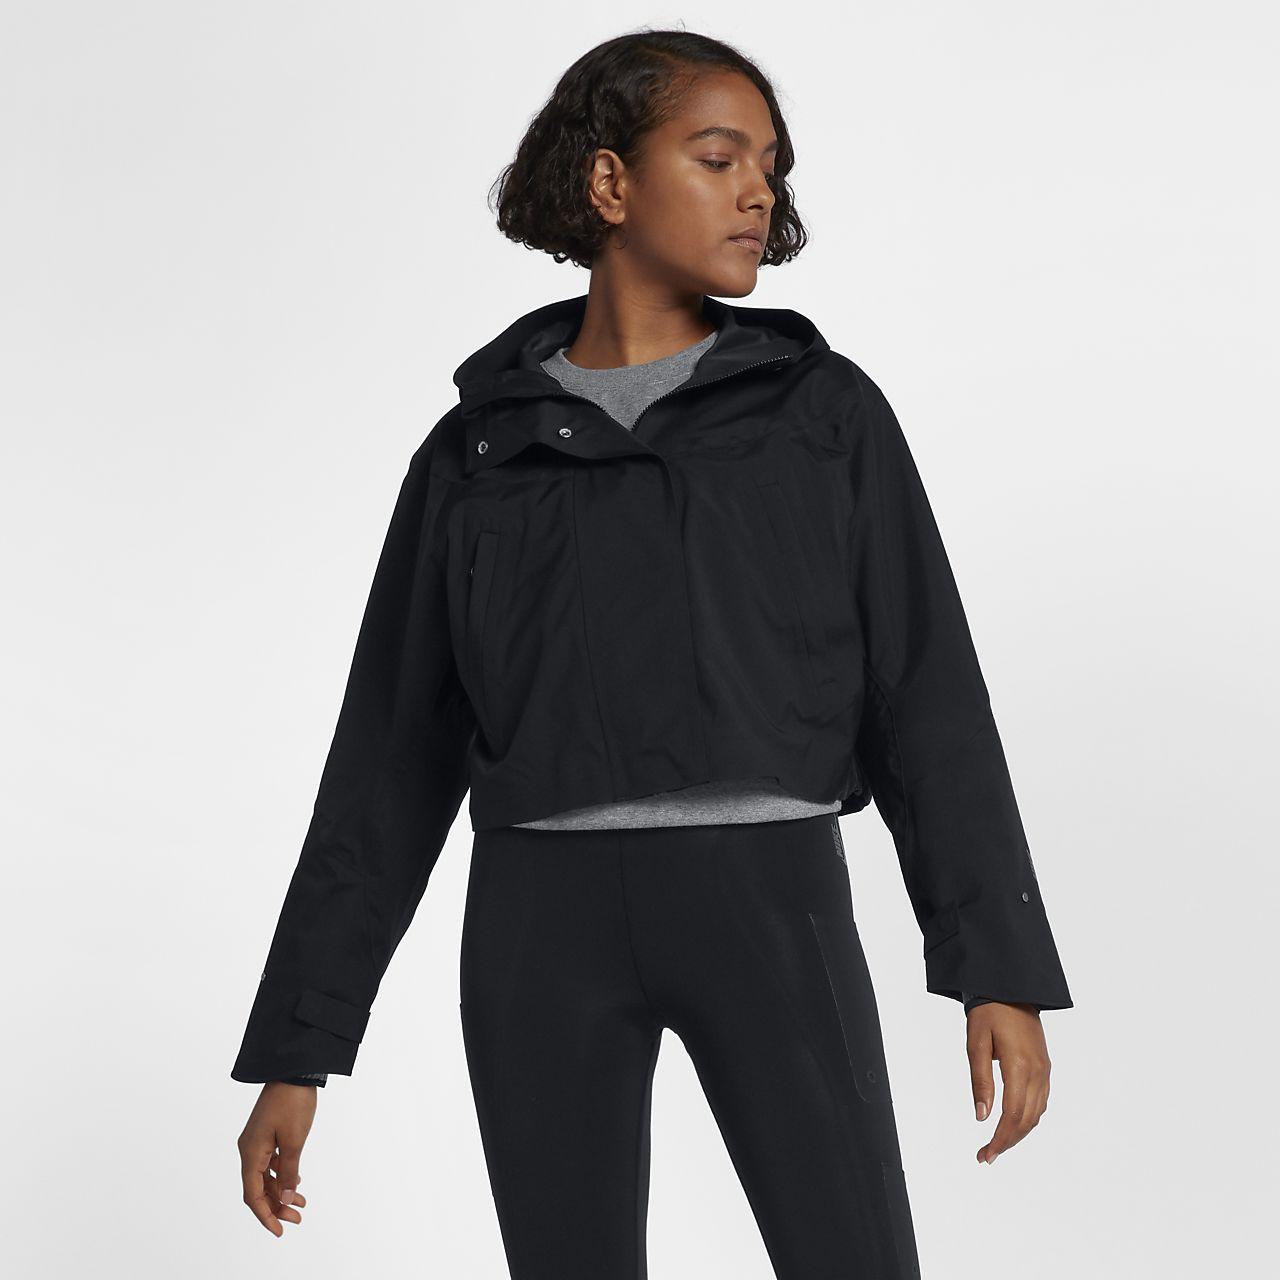 Be Femme Veste Pour Courte City Ready Nike wxaq68 ed5a3d0191ff